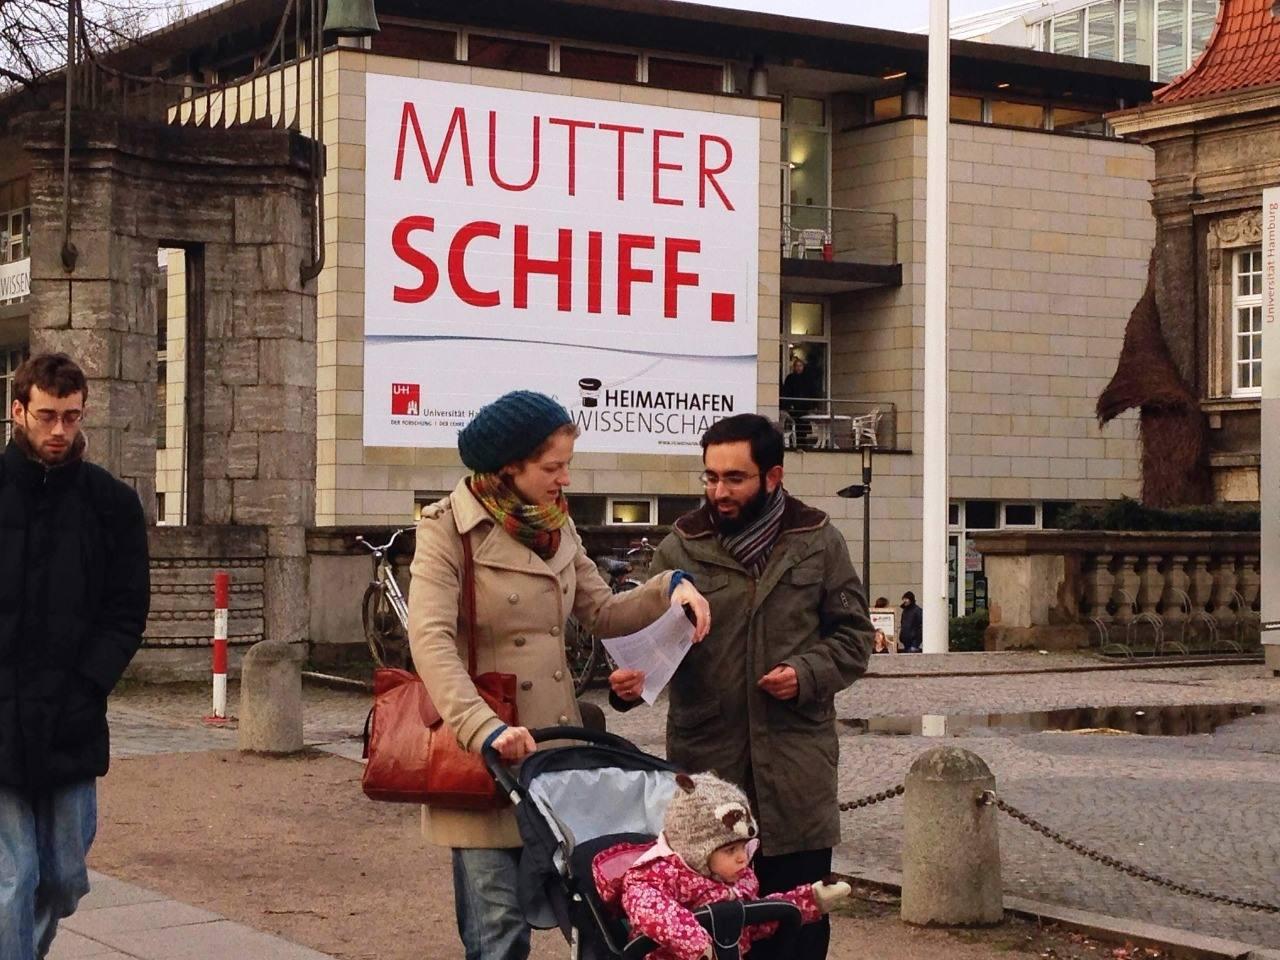 پخش نامه رهبری در هامبورگ +تصاویر